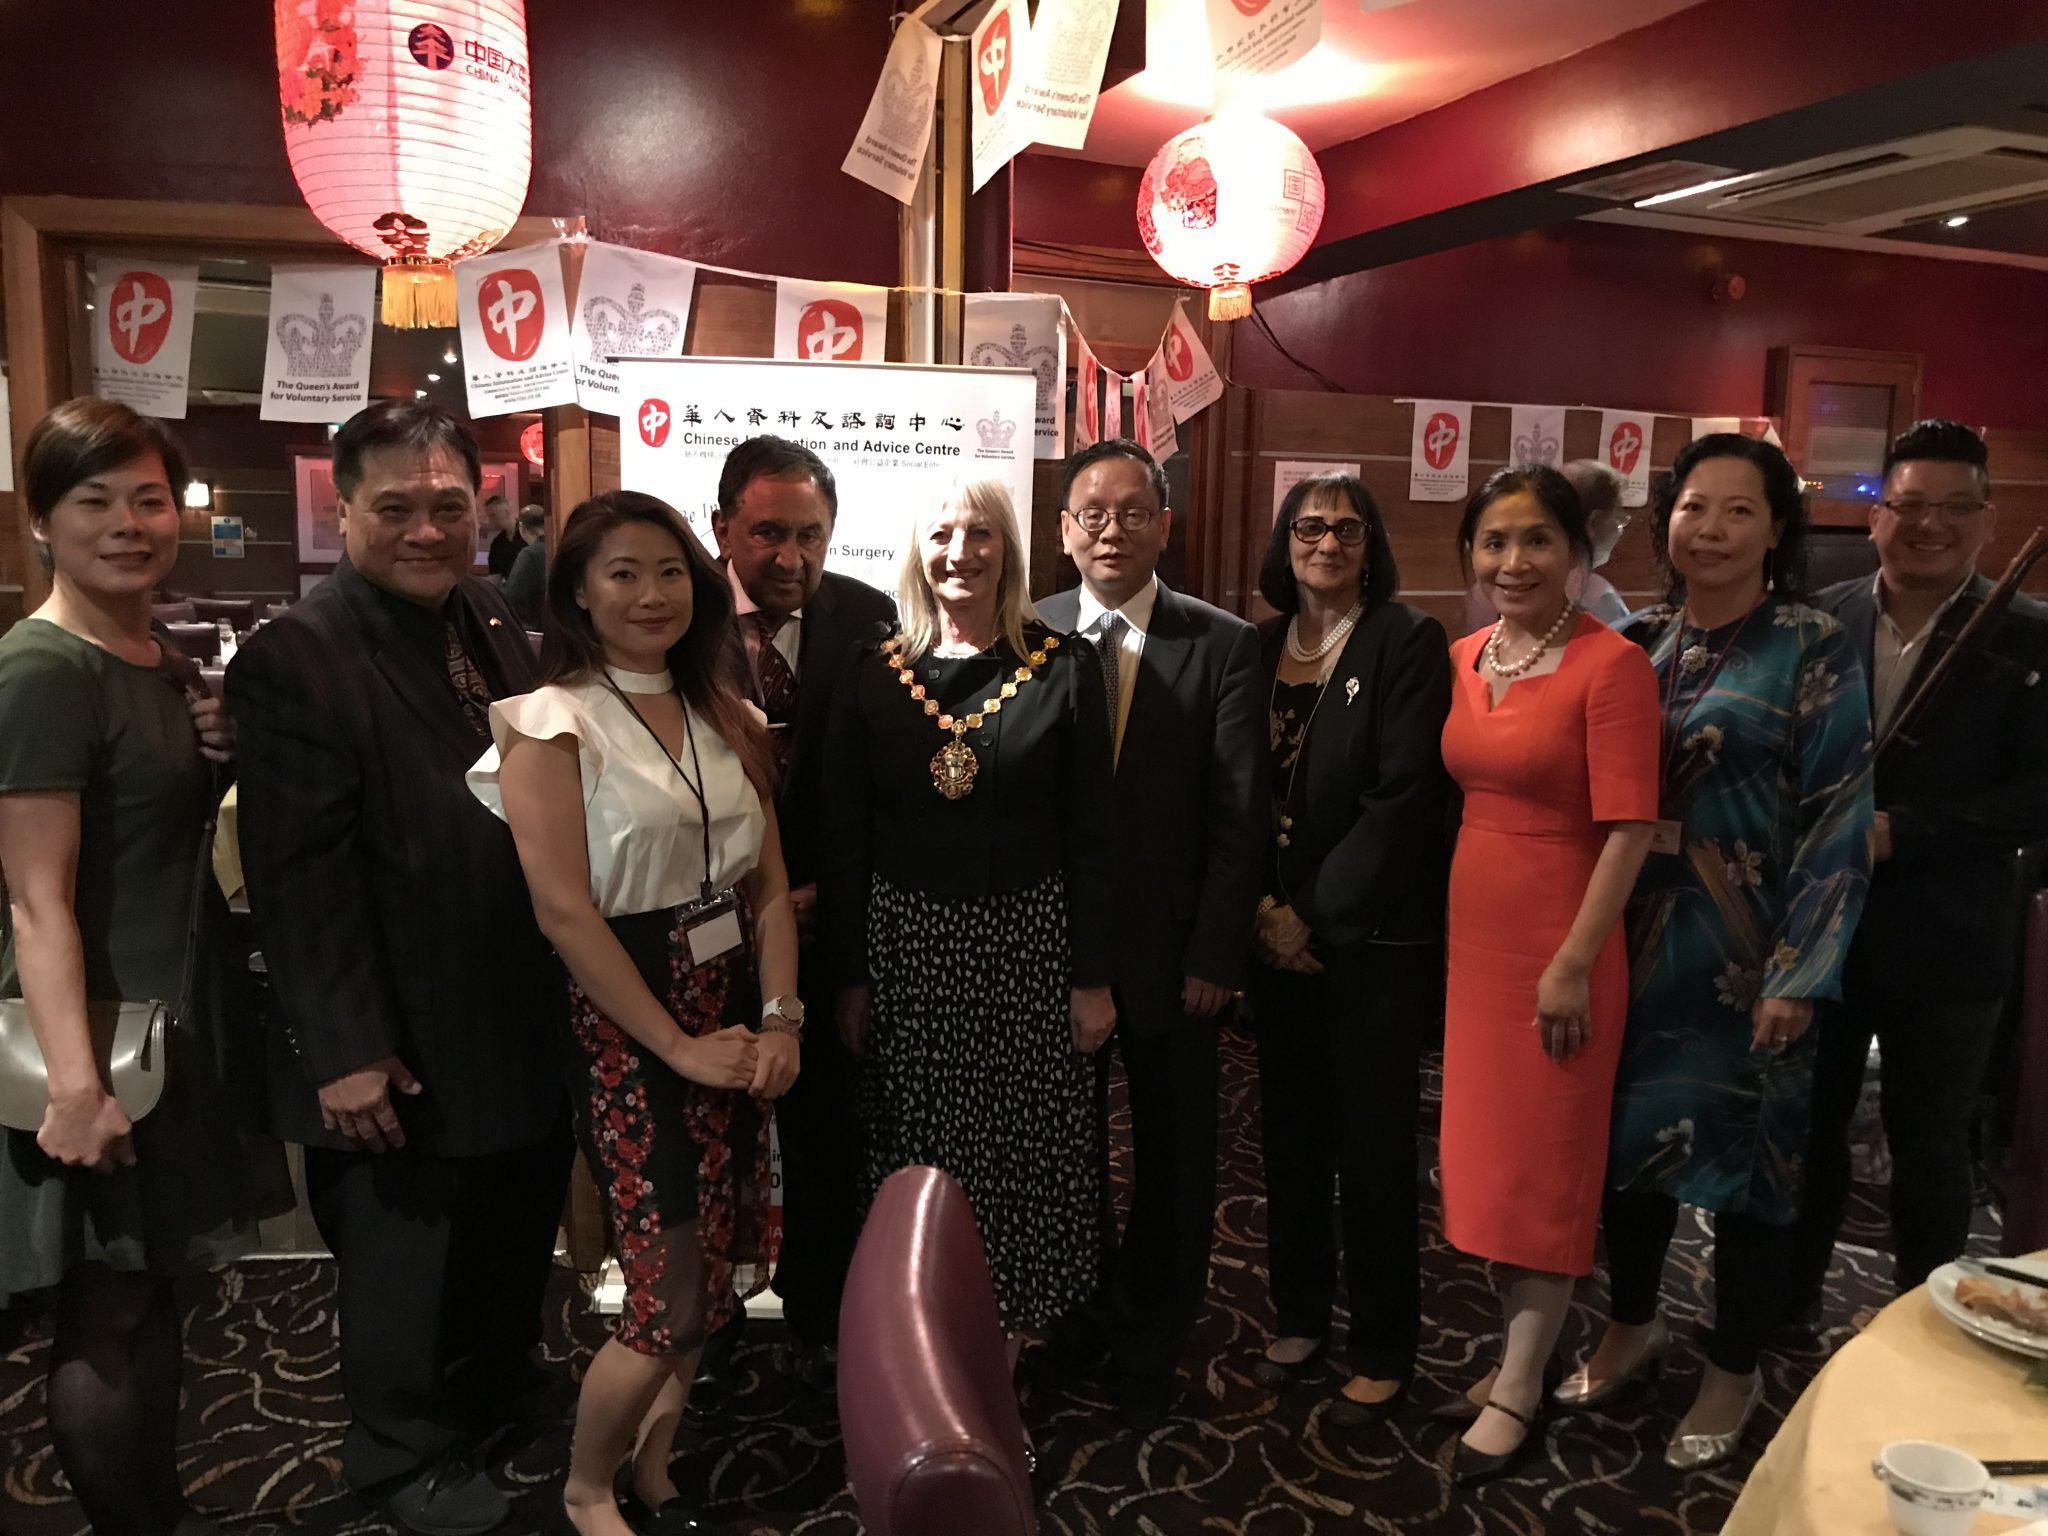 華人資料及諮詢中心年度慈善晚宴昨在倫敦中國城圓滿舉行